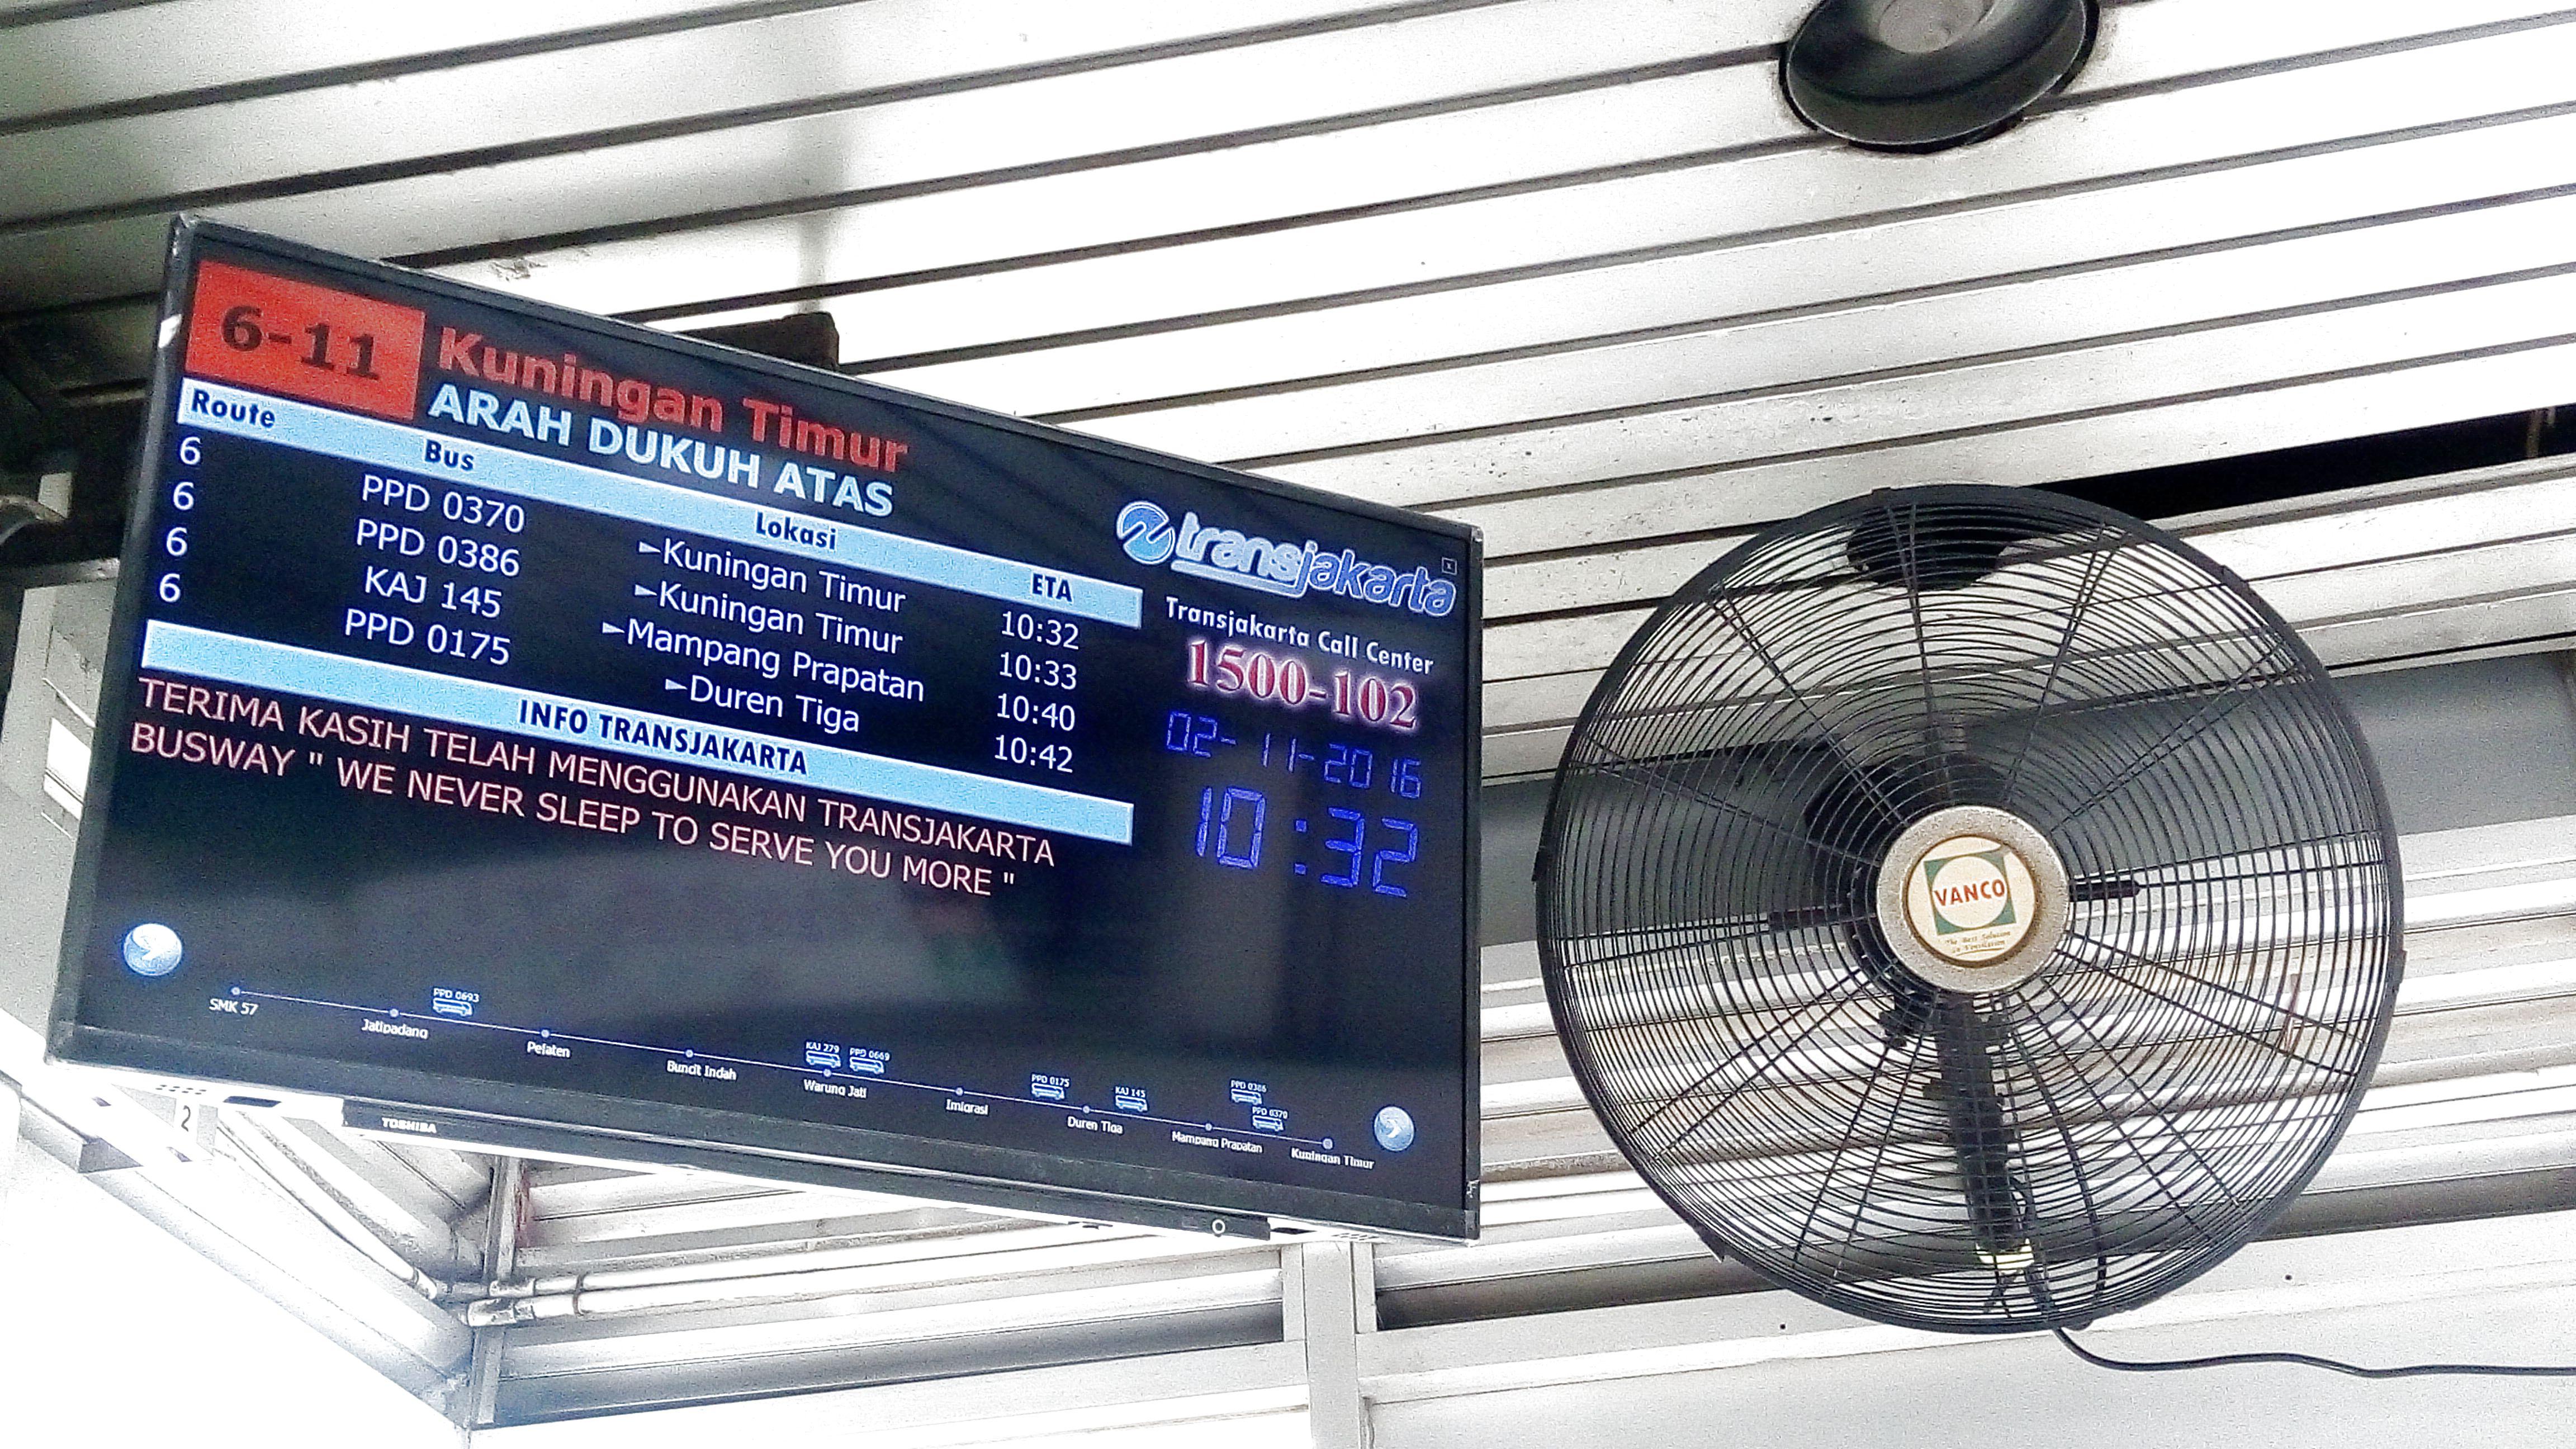 Layar interaktif untuk memantau kedatangan bus transjakarta selanjutnya (foto: Yasmin Hadi).